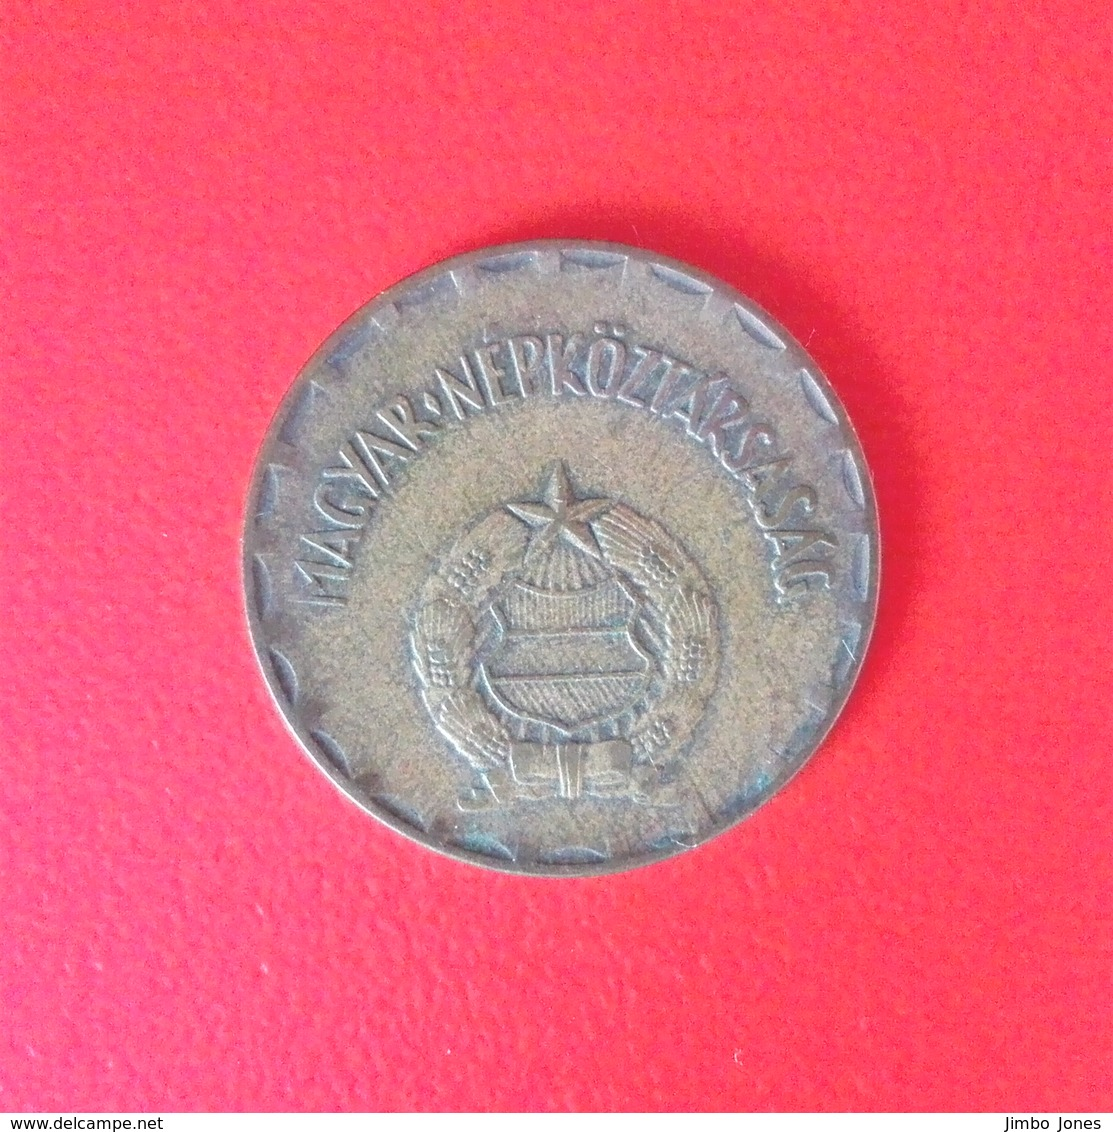 2 Forint Münze Aus Ungarn Von 1975 (sehr Schön) - Hungary